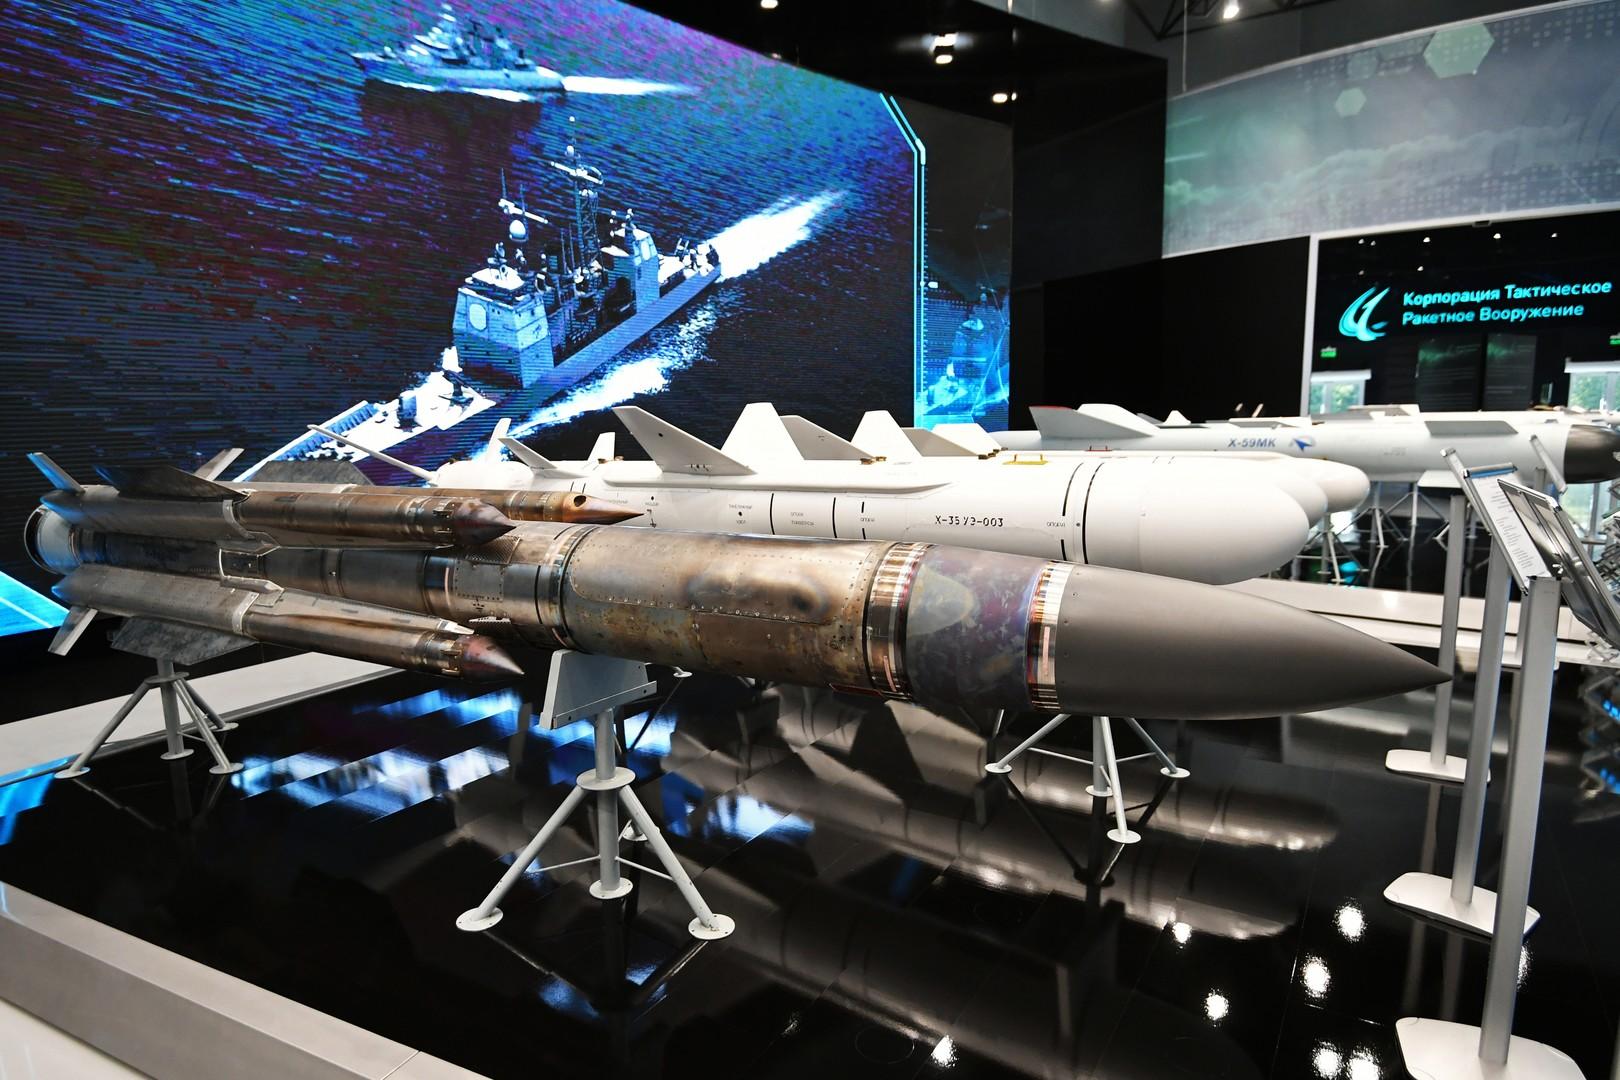 """50 مقاتلة من طراز """"ميغ-29"""" إلى مصر - صفحة 3 5bd212d995a597f1468b4574"""